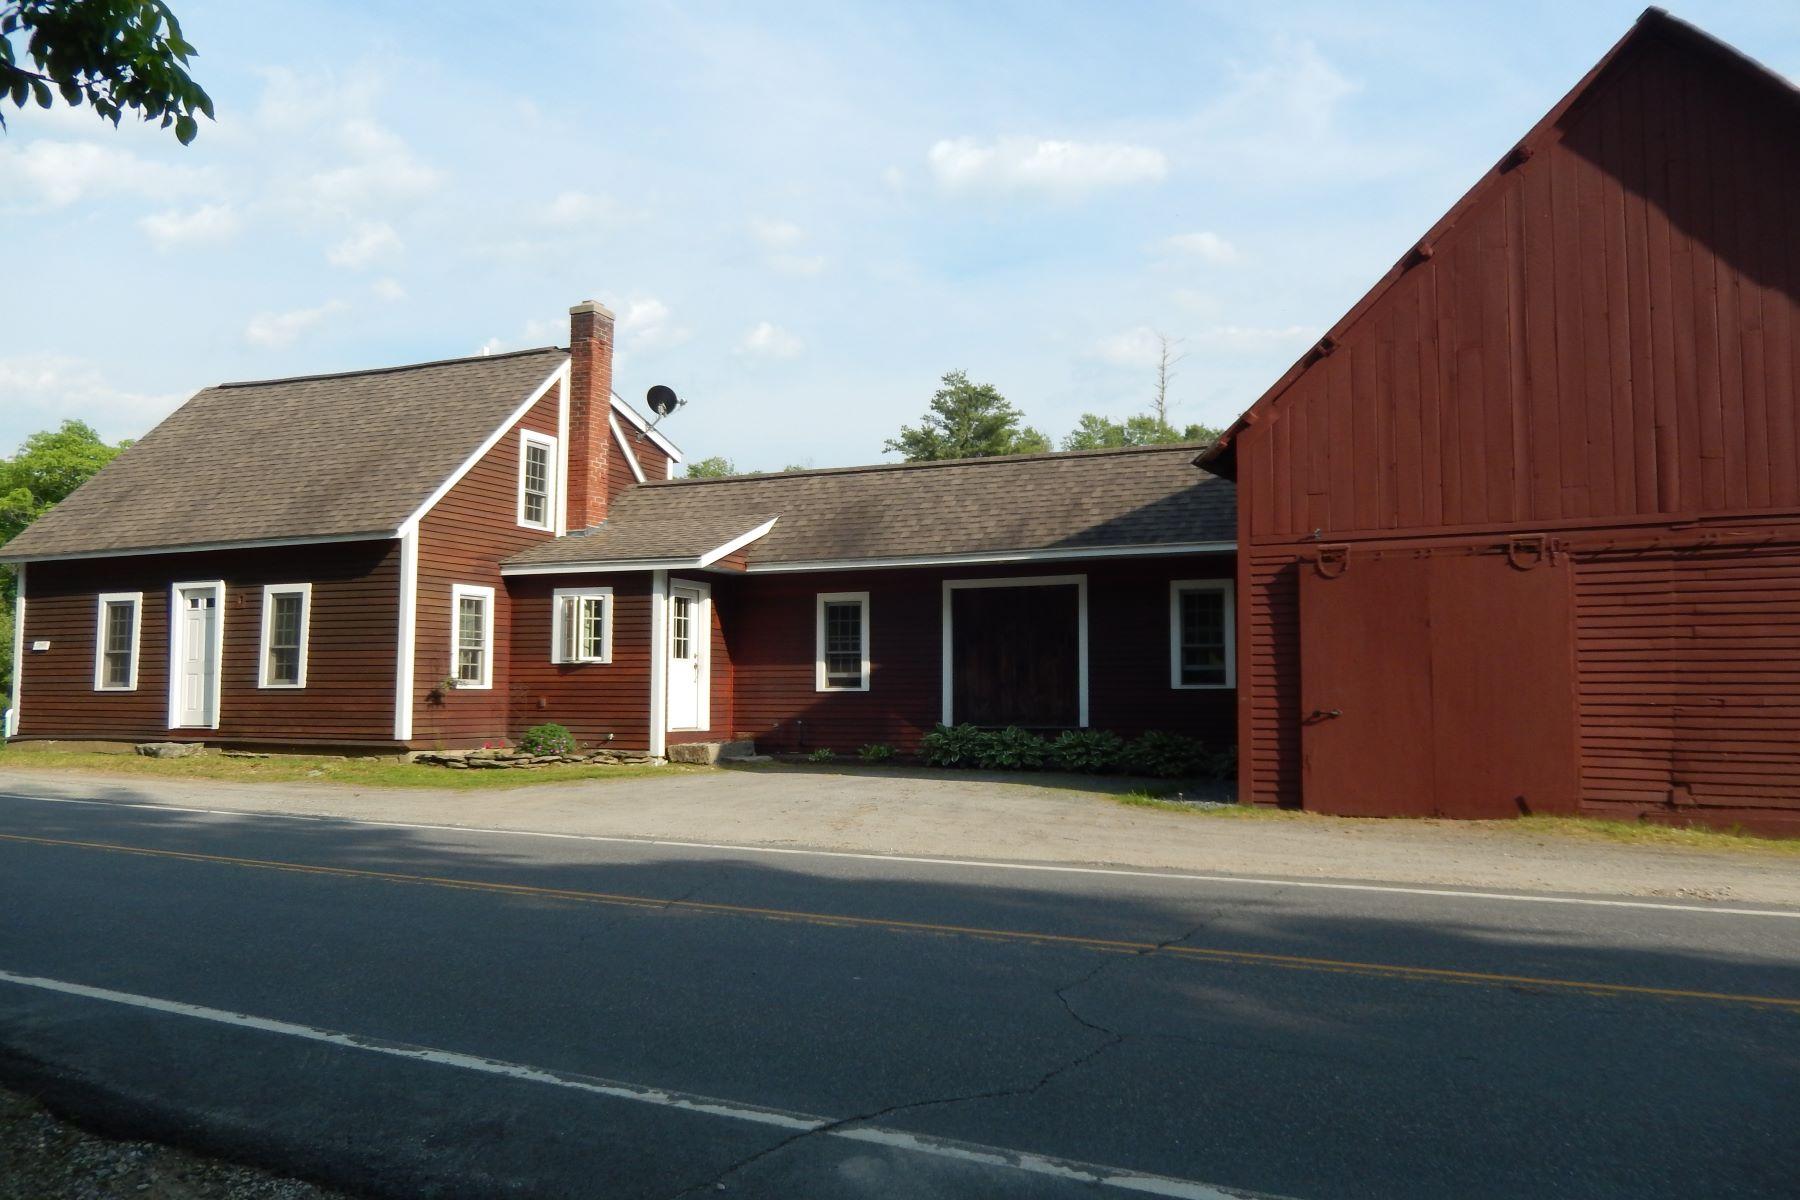 Частный односемейный дом для того Продажа на 348 Route 25 C, Piermont Piermont, Нью-Гэмпшир, 03779 Соединенные Штаты